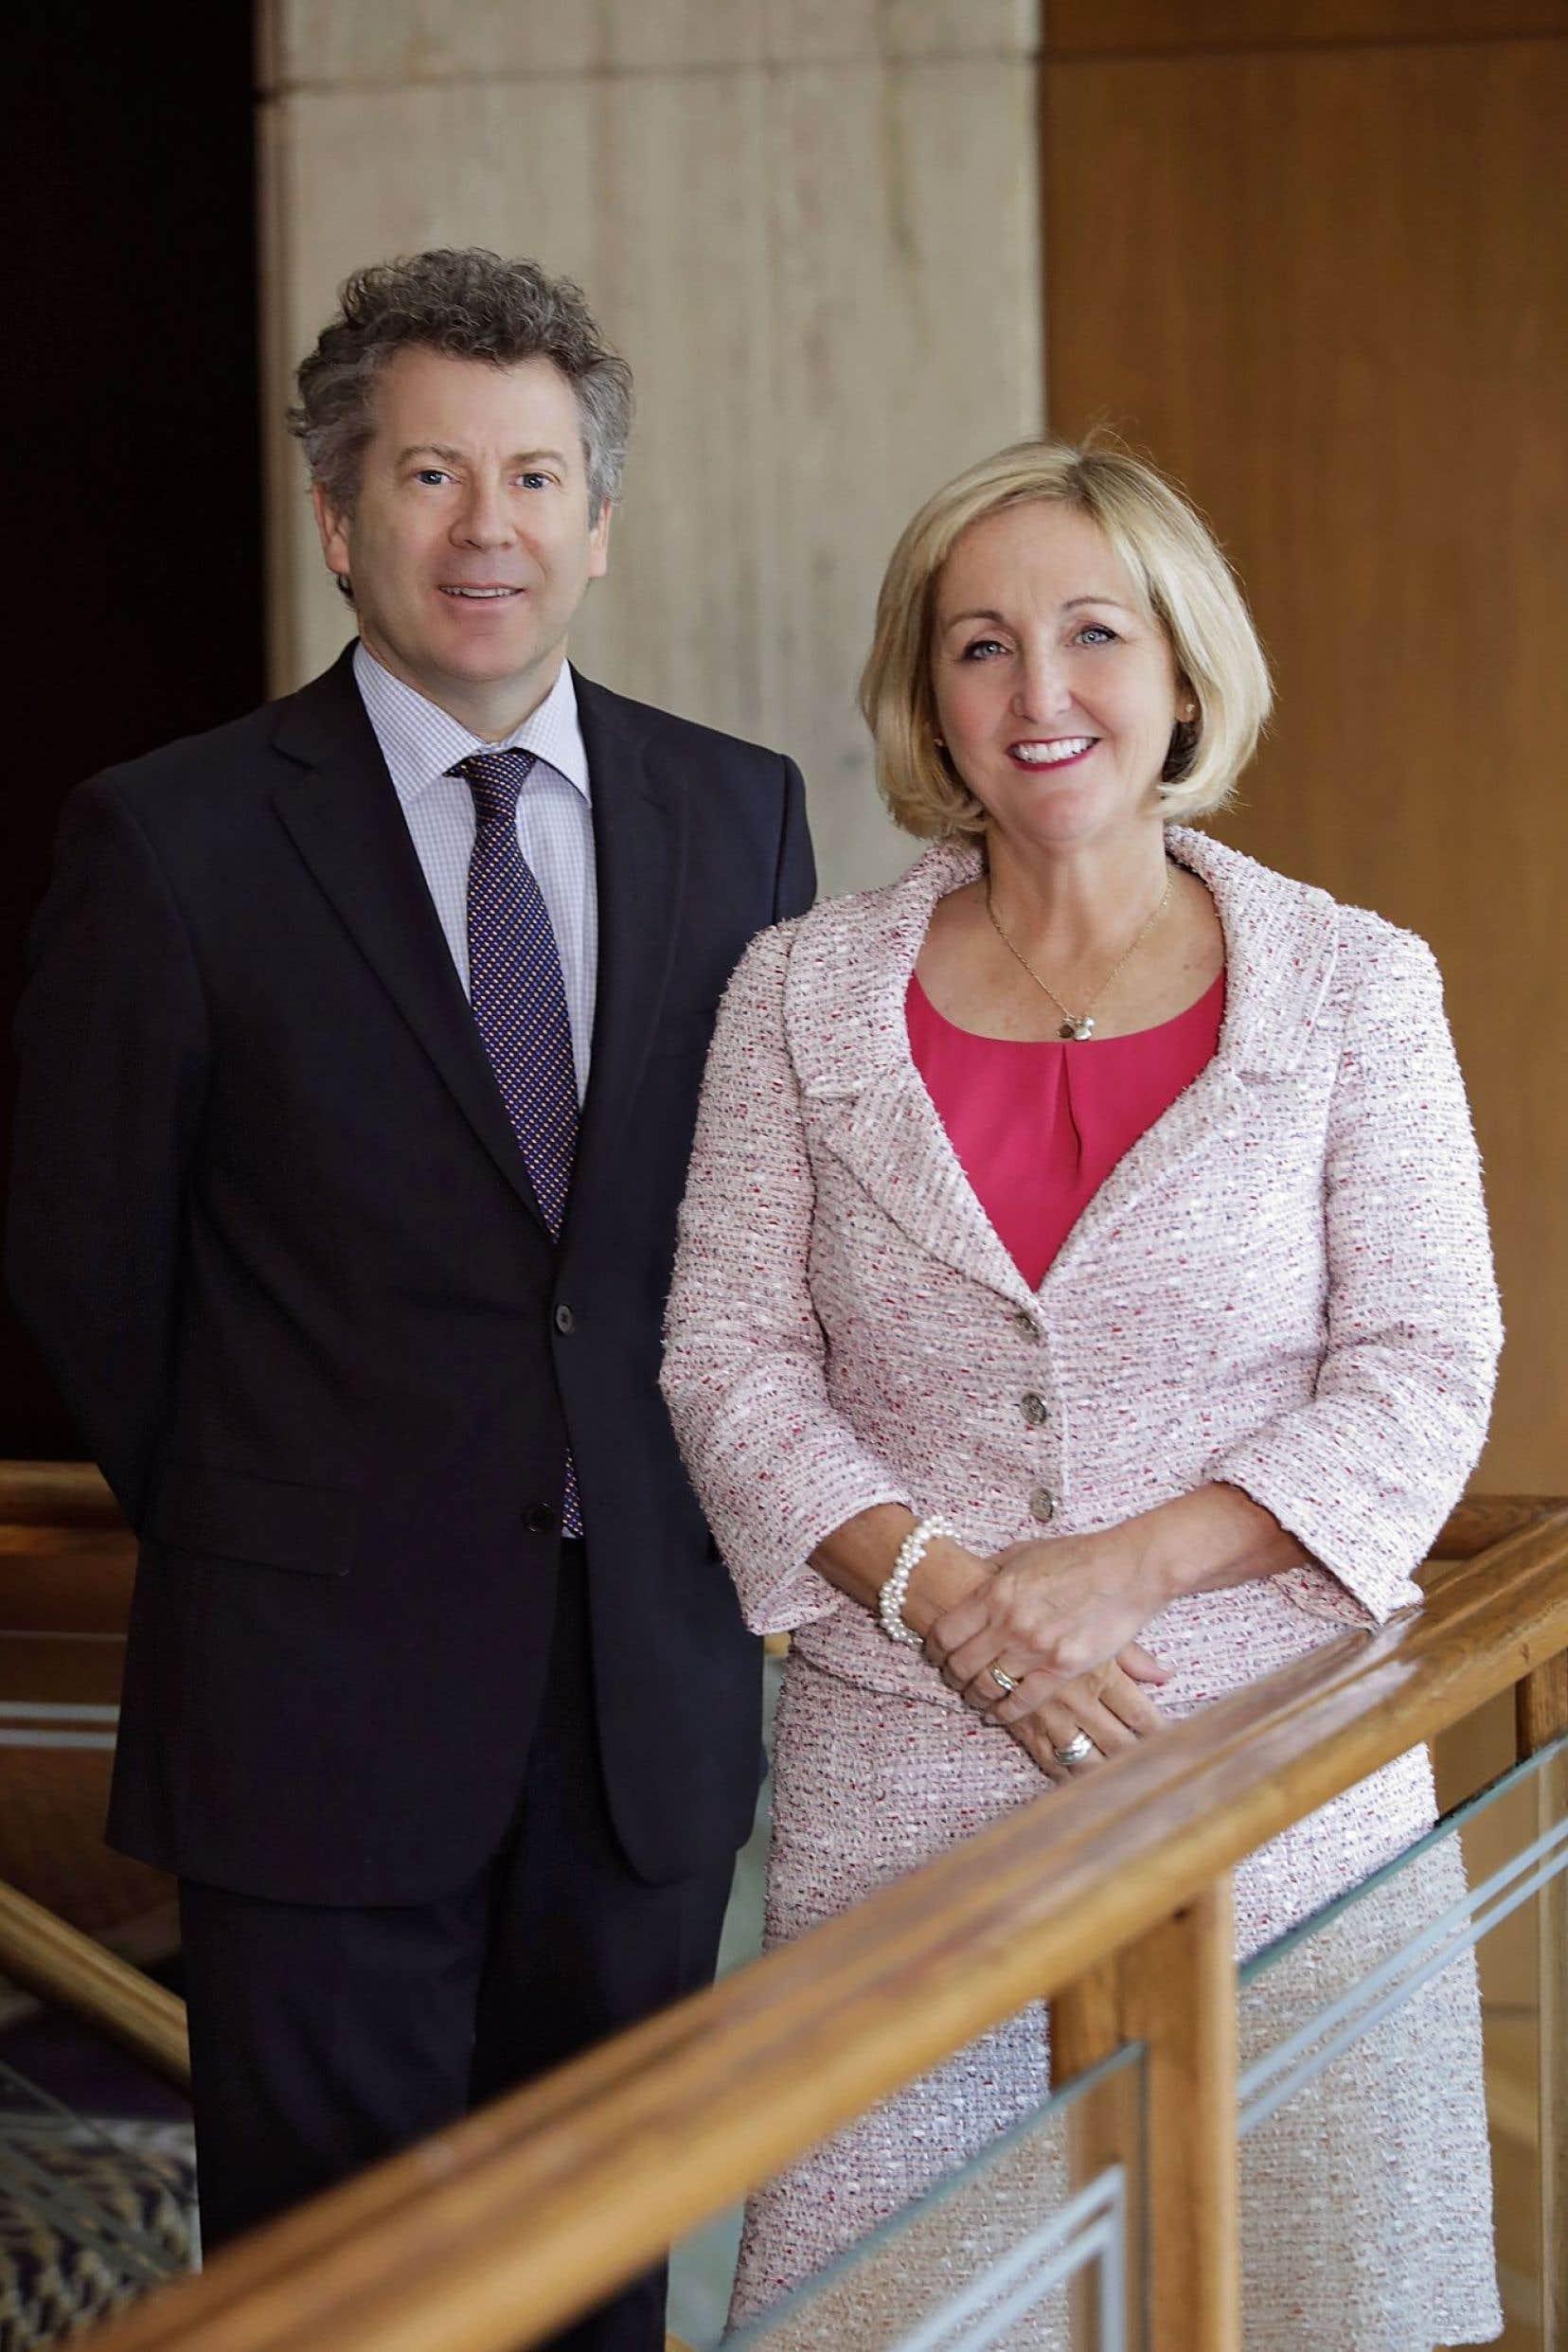 Jean-François Thuot et Diane Legault, respectivement directeur général et présidente du CIQ